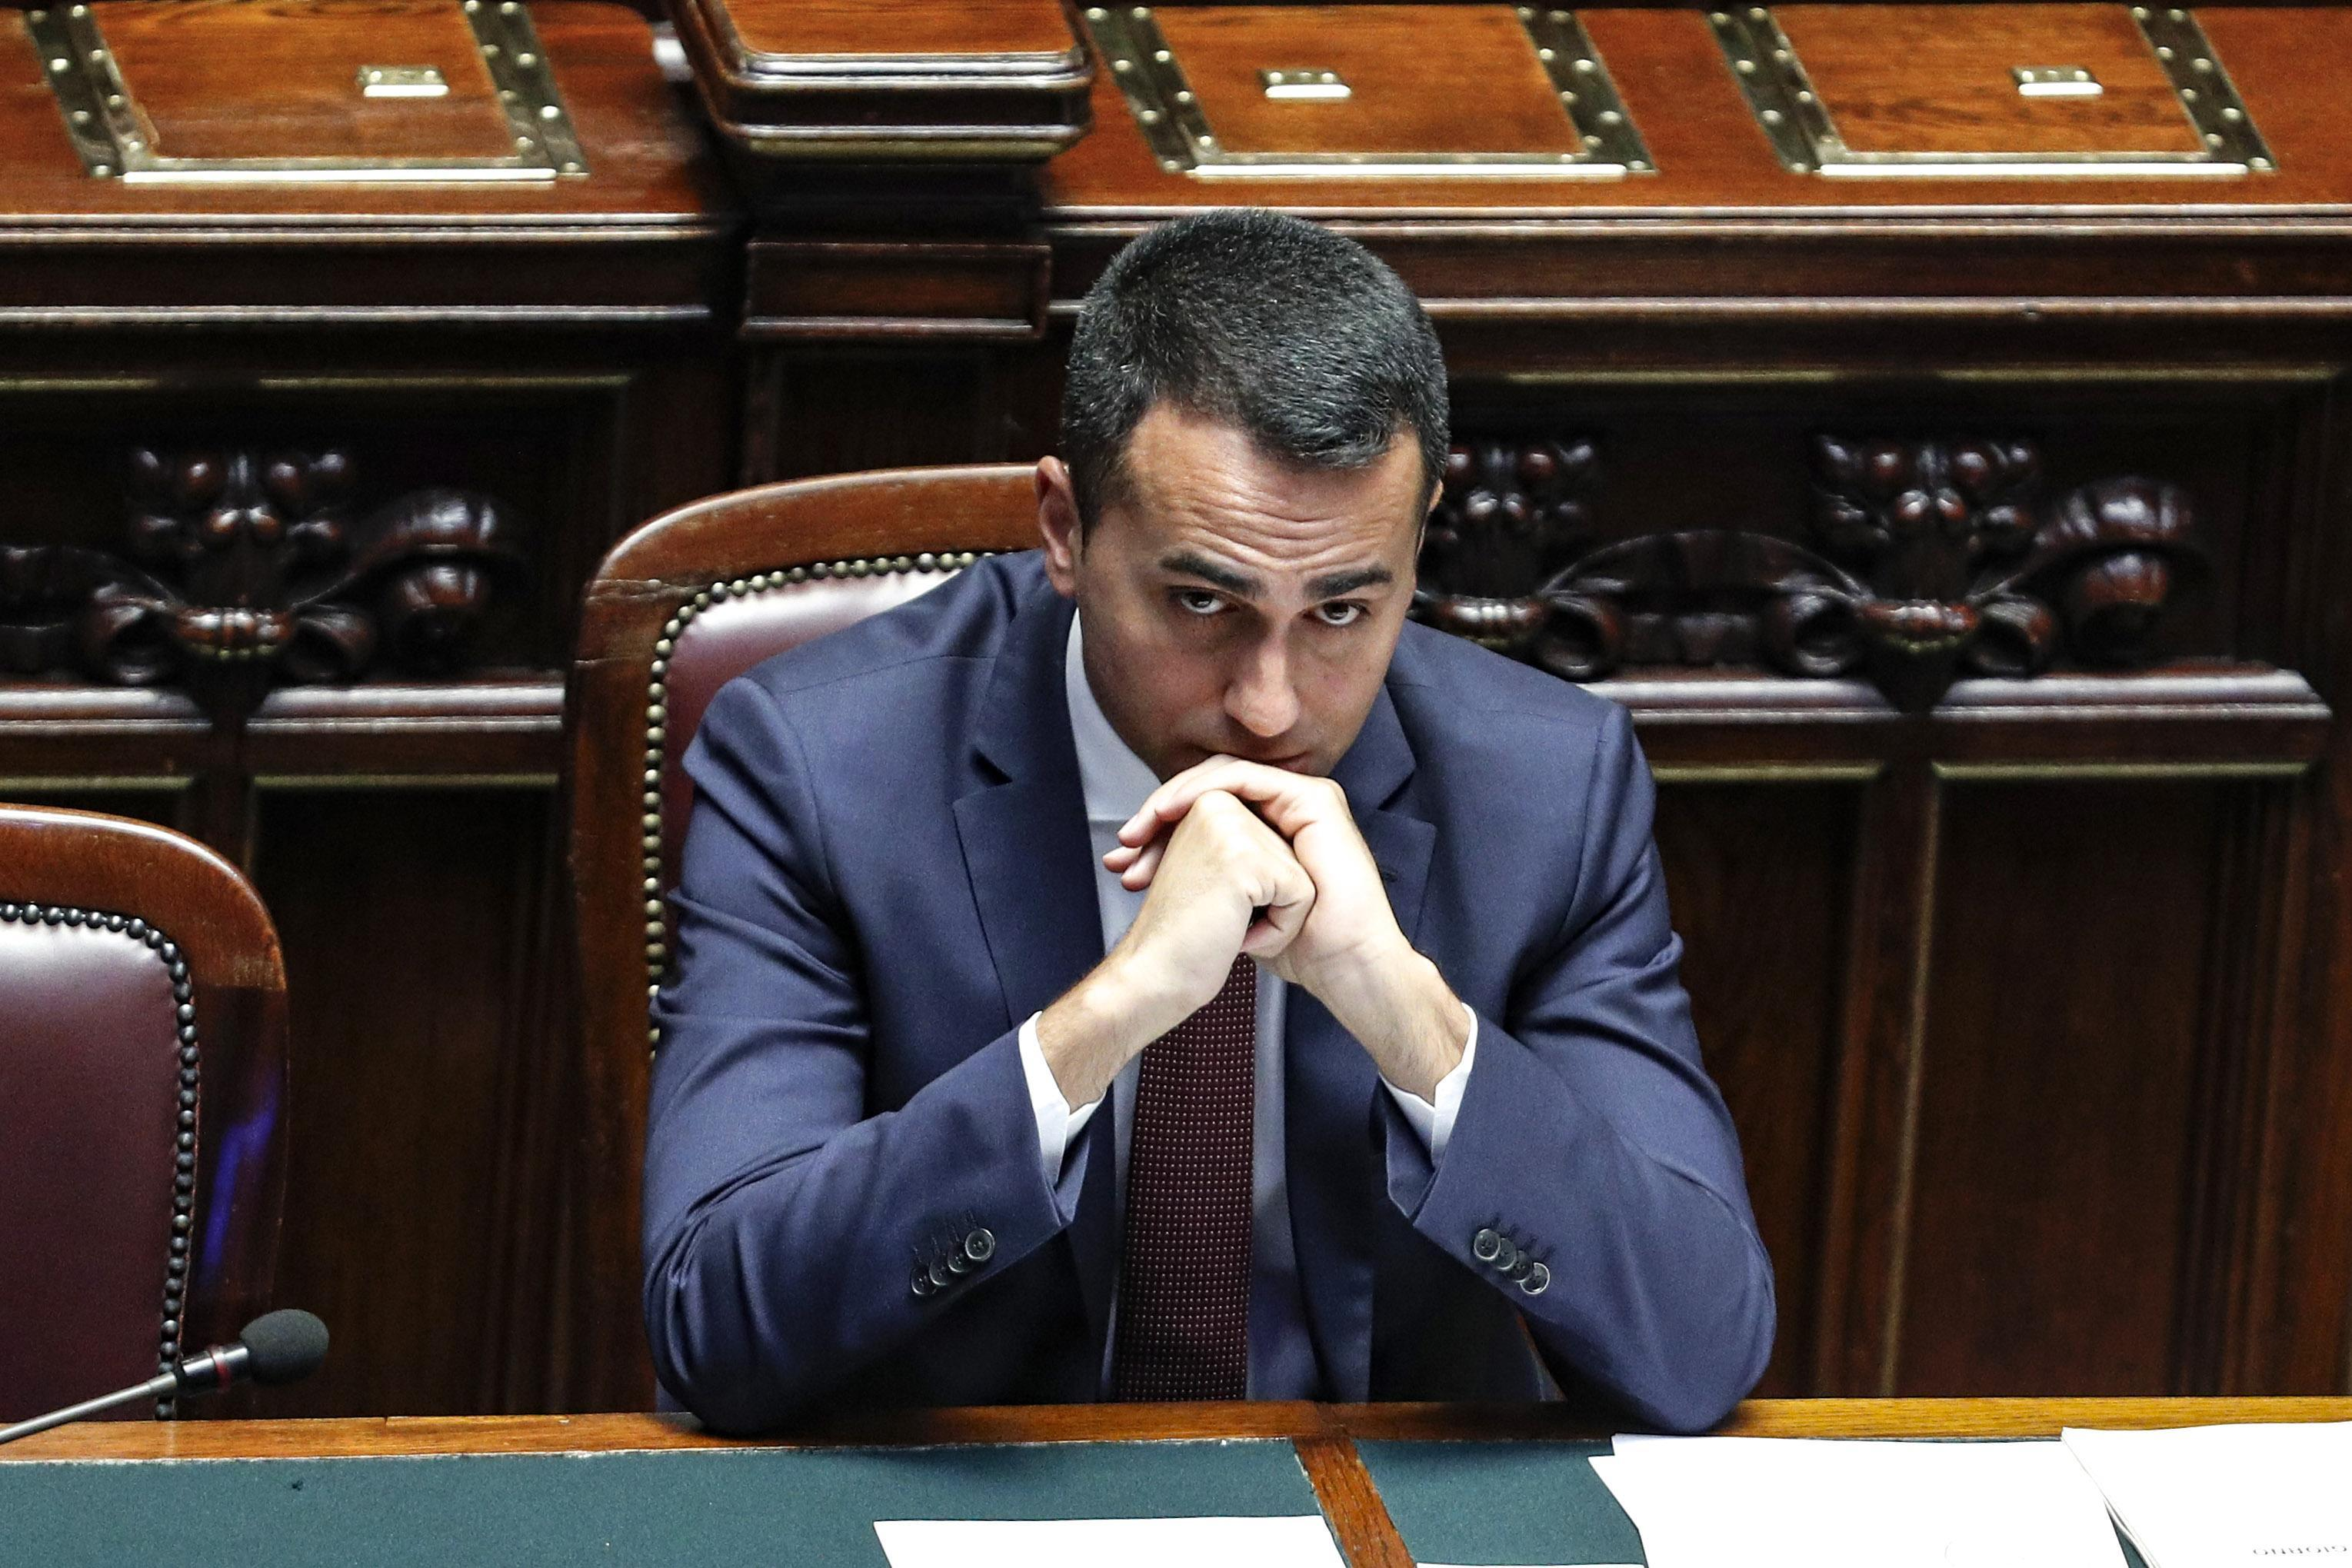 Decreto dignità: +160 euro annui per badanti e colf, stangata per le famiglie